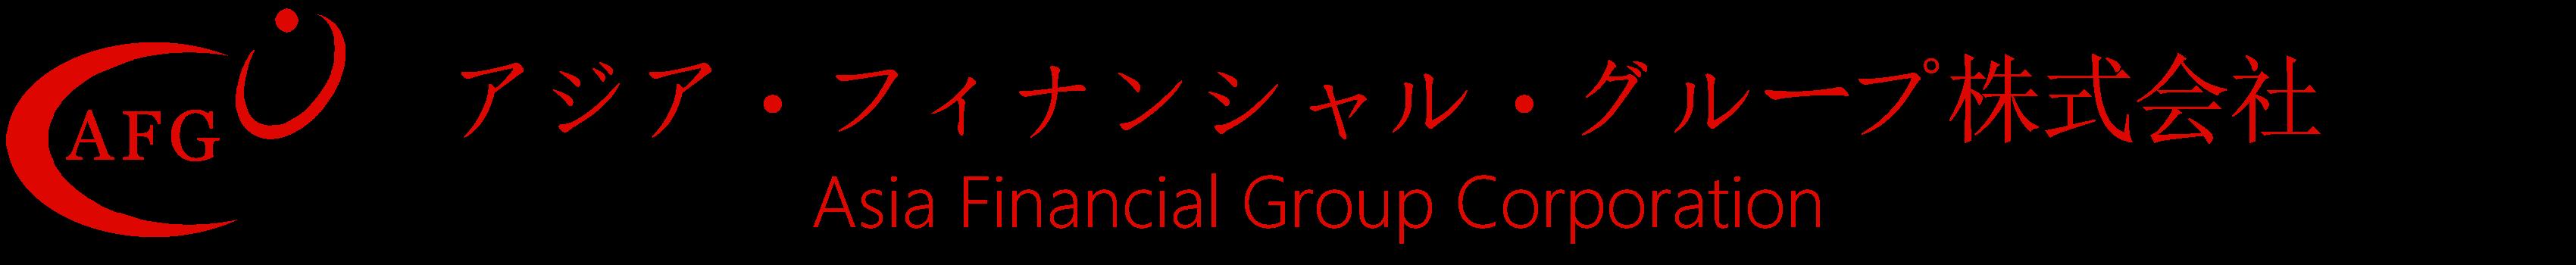 アジア・フィナンシャル・グループ株式会社